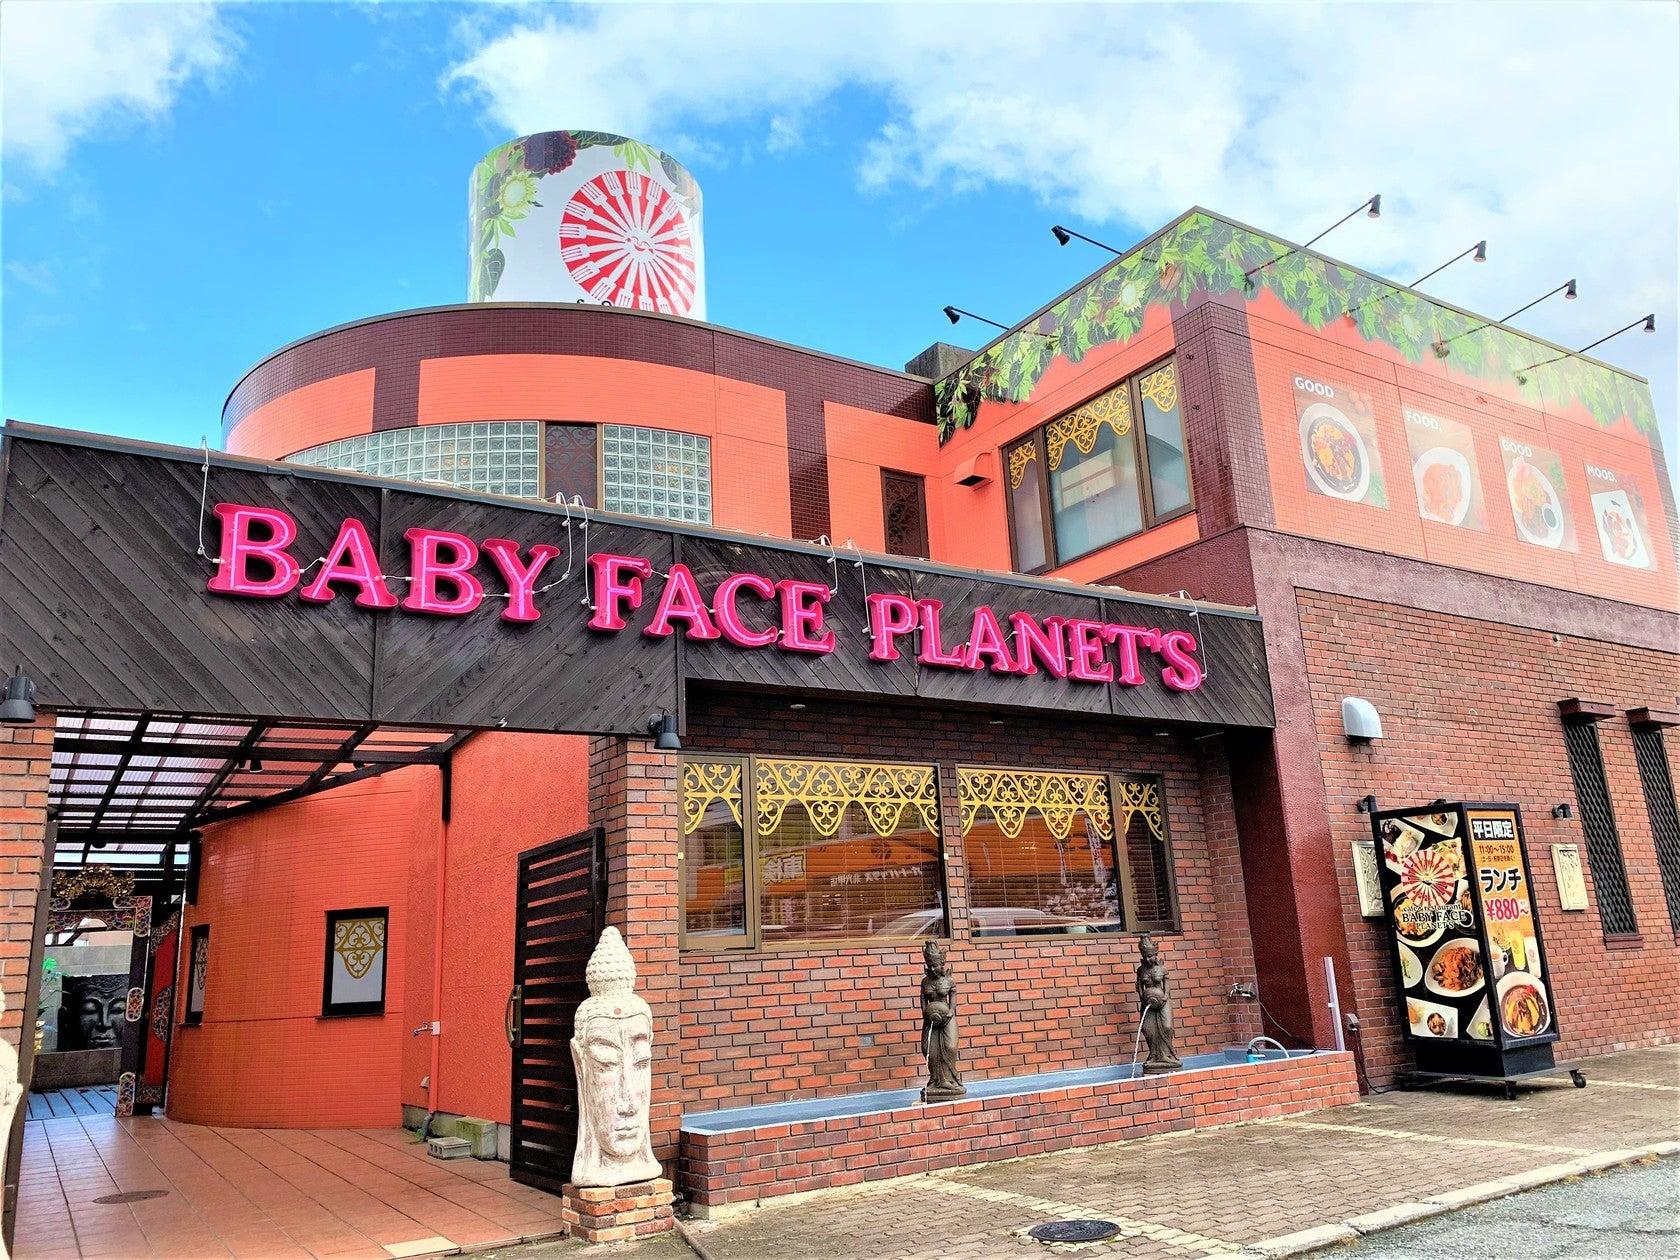 レストラン2階の広々スペースを貸し切りに!女子会・ママ会はもちろん撮影、イベントなどの使用が可能‼